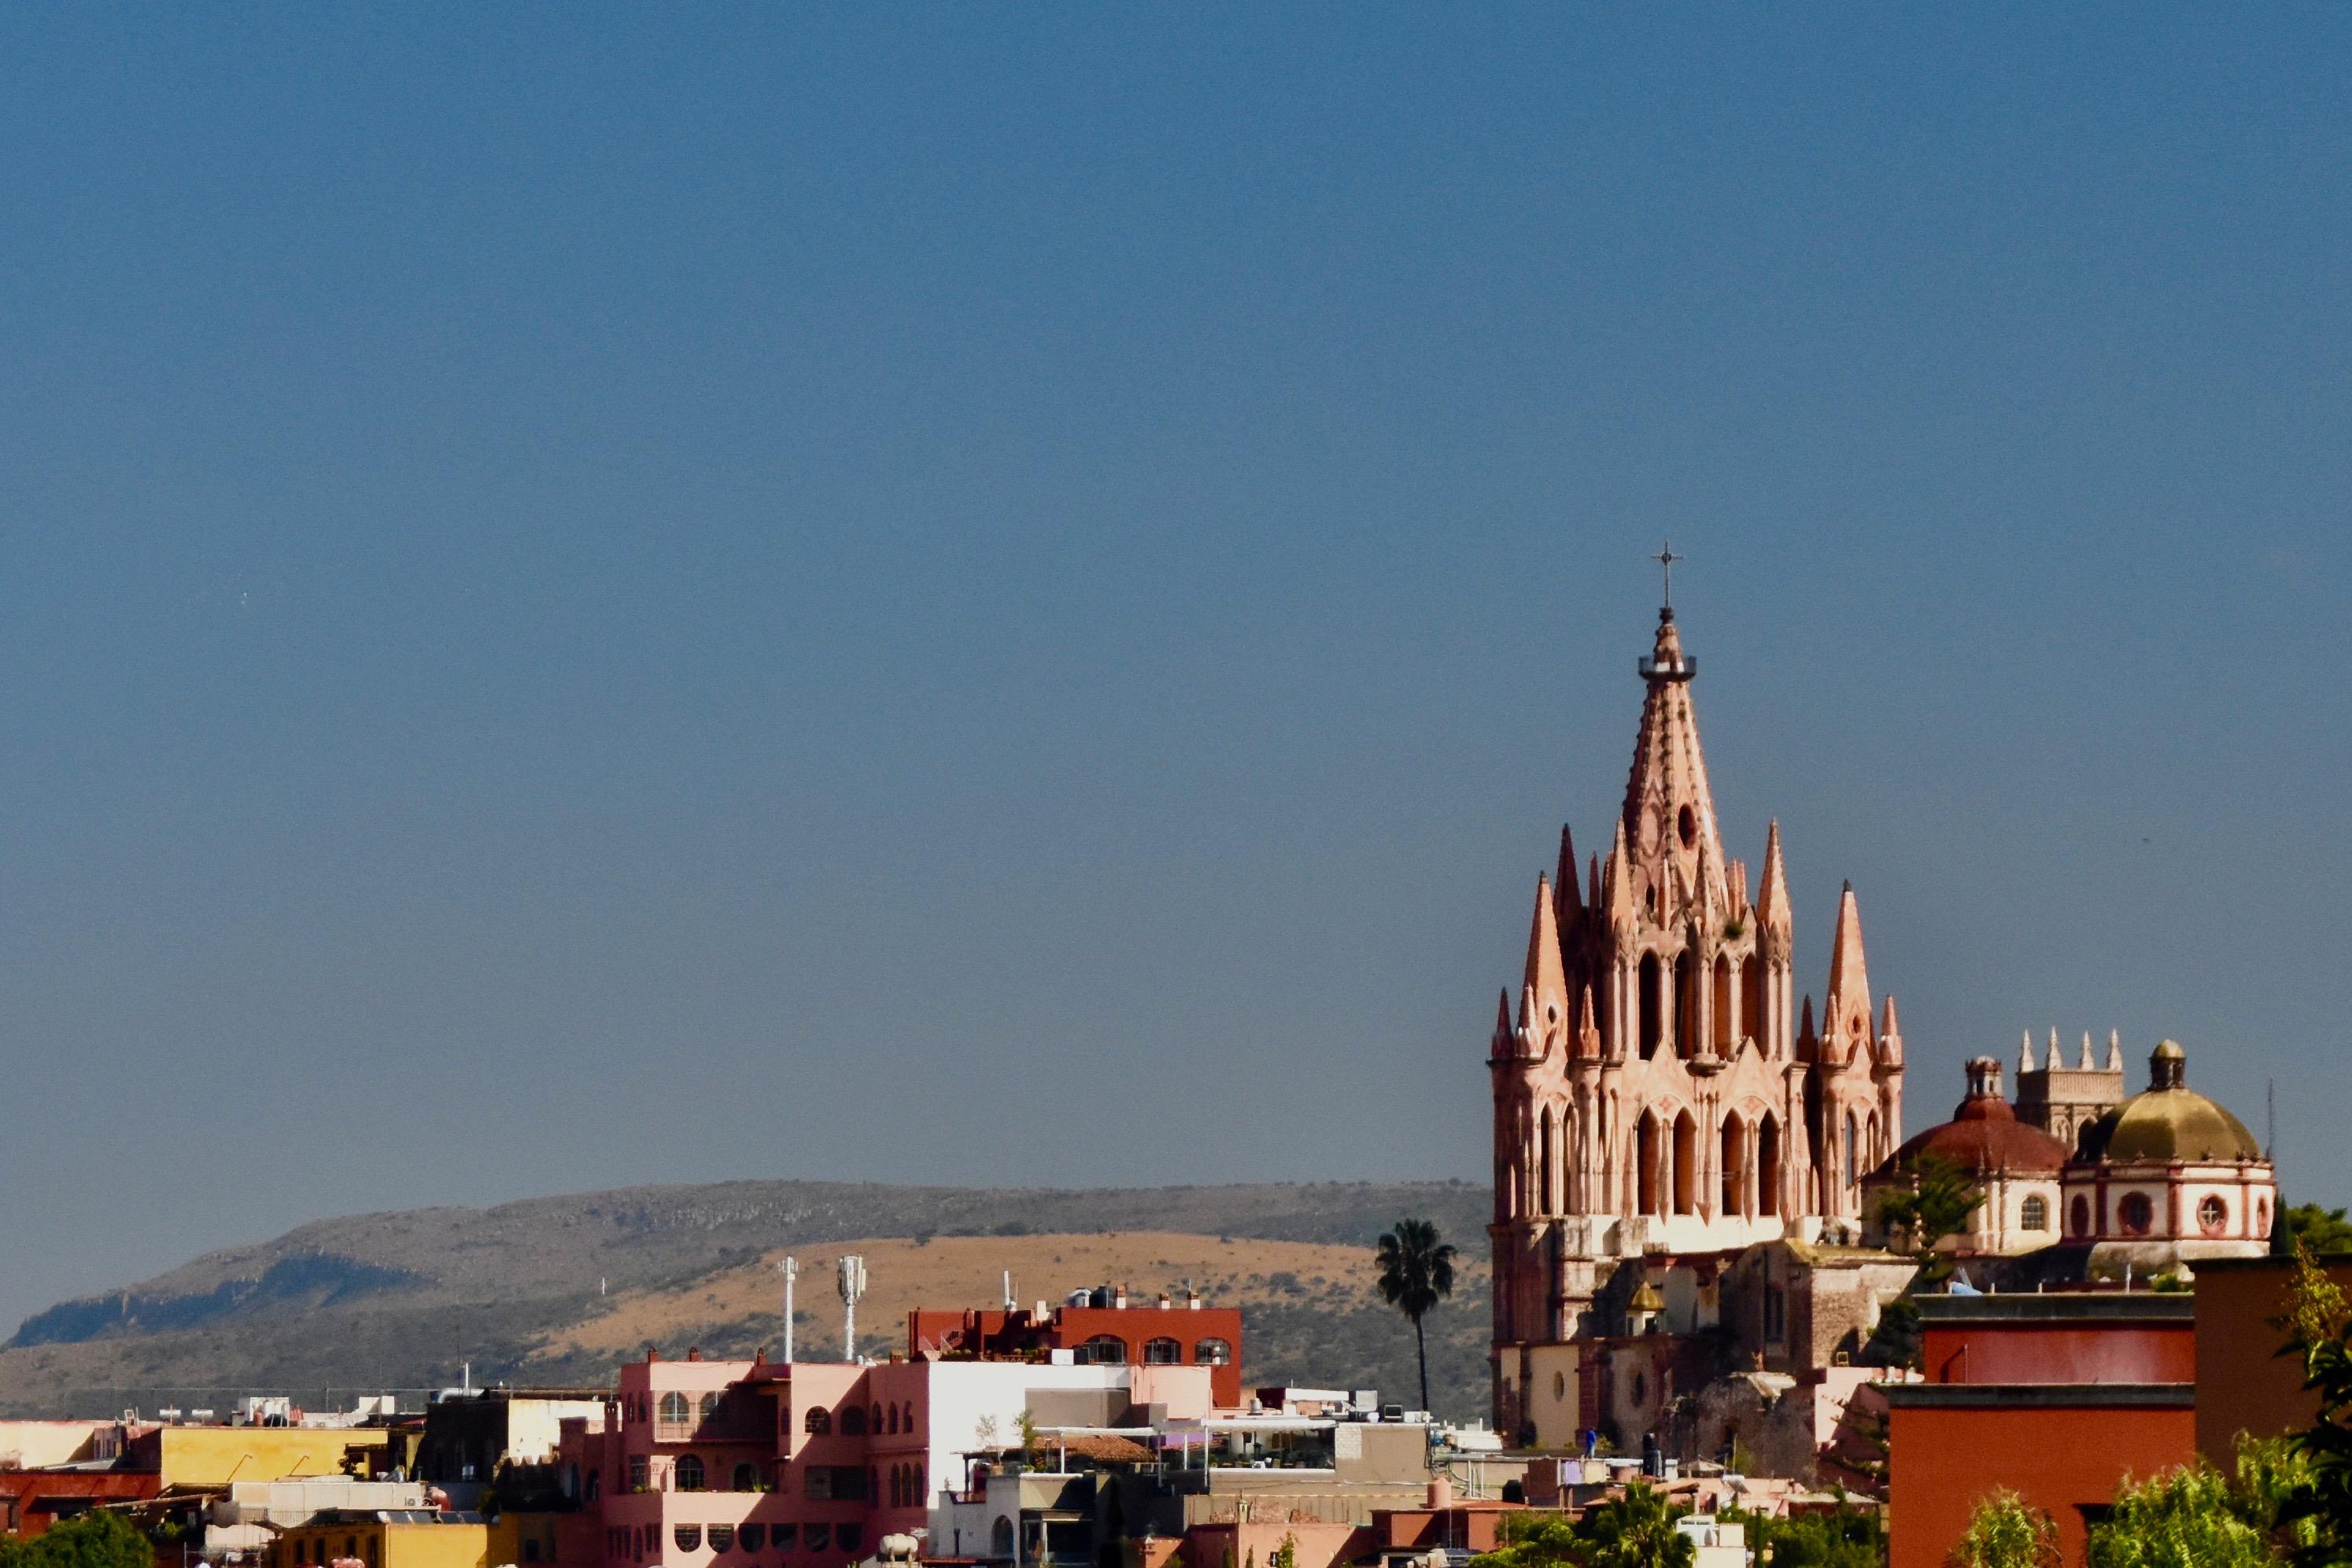 Photo of San Miguel de Allende, Guanajuato